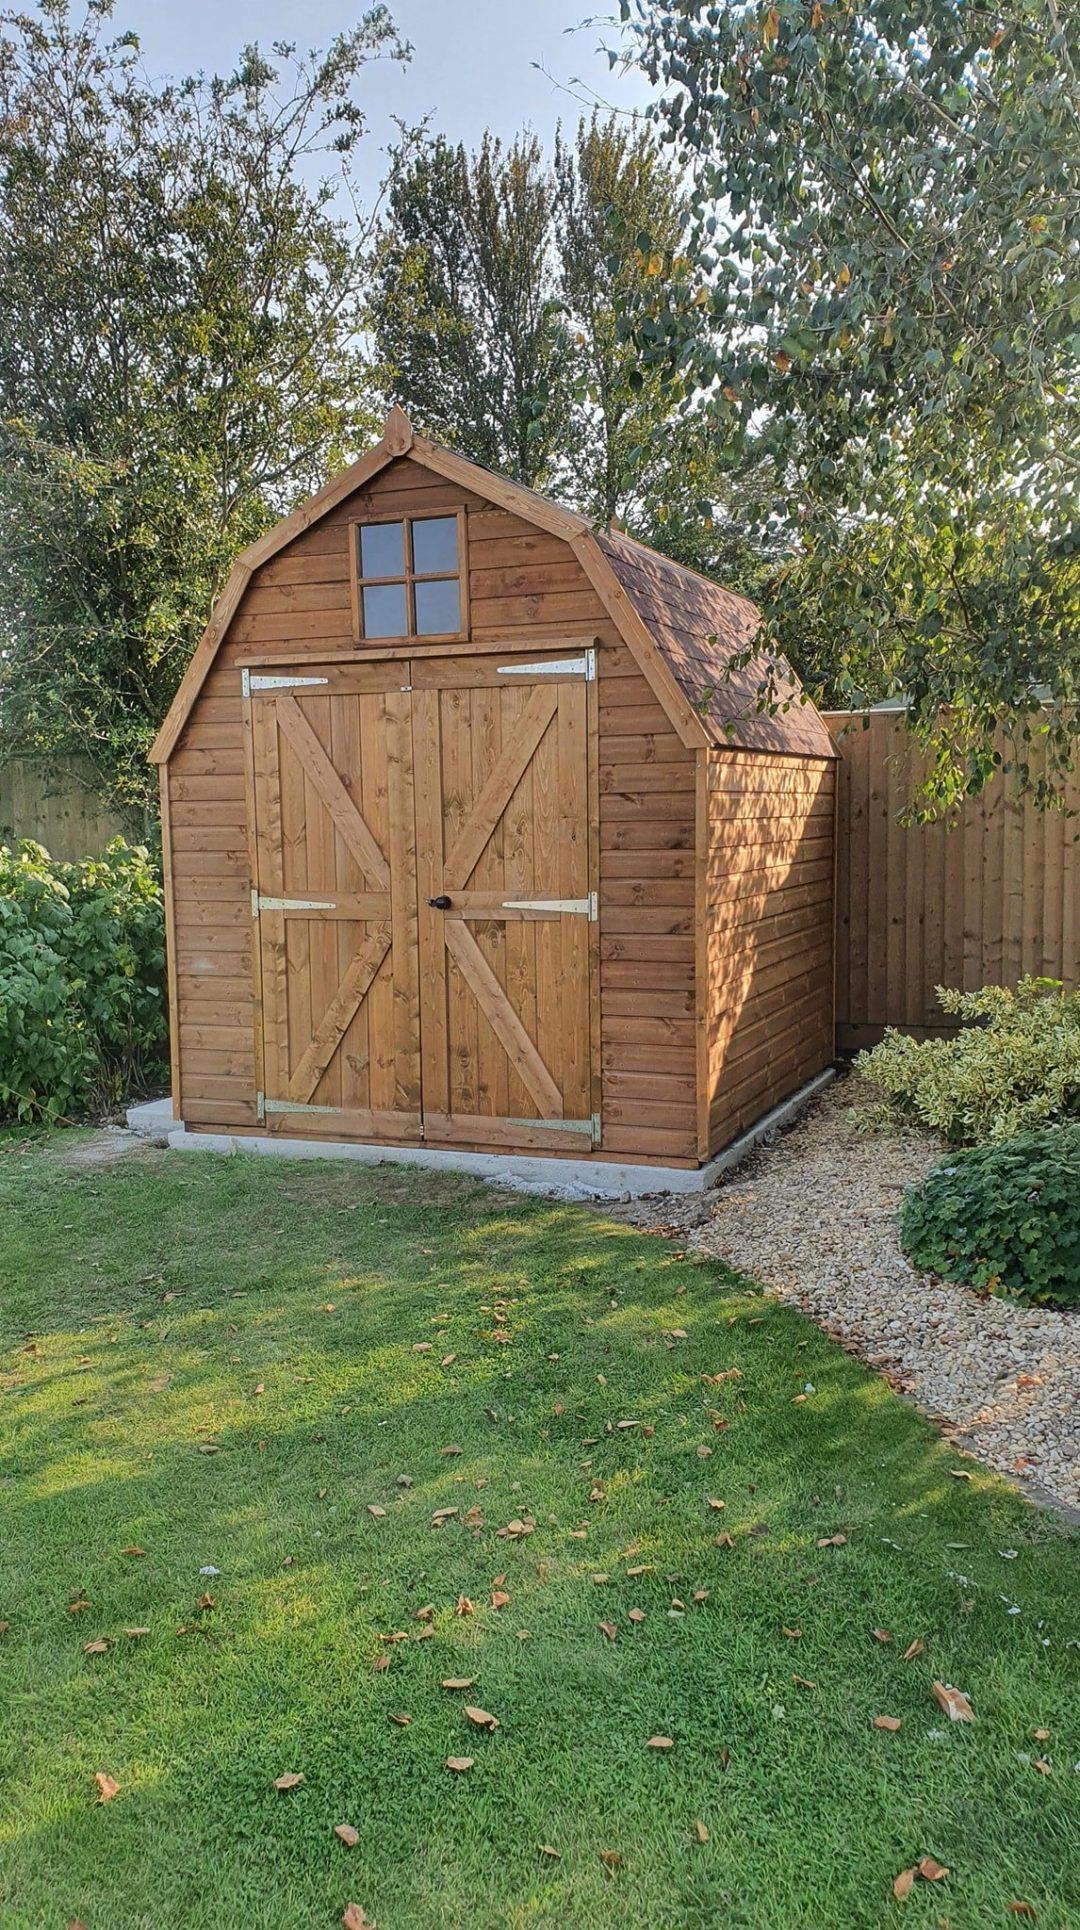 Dutch Barn installation